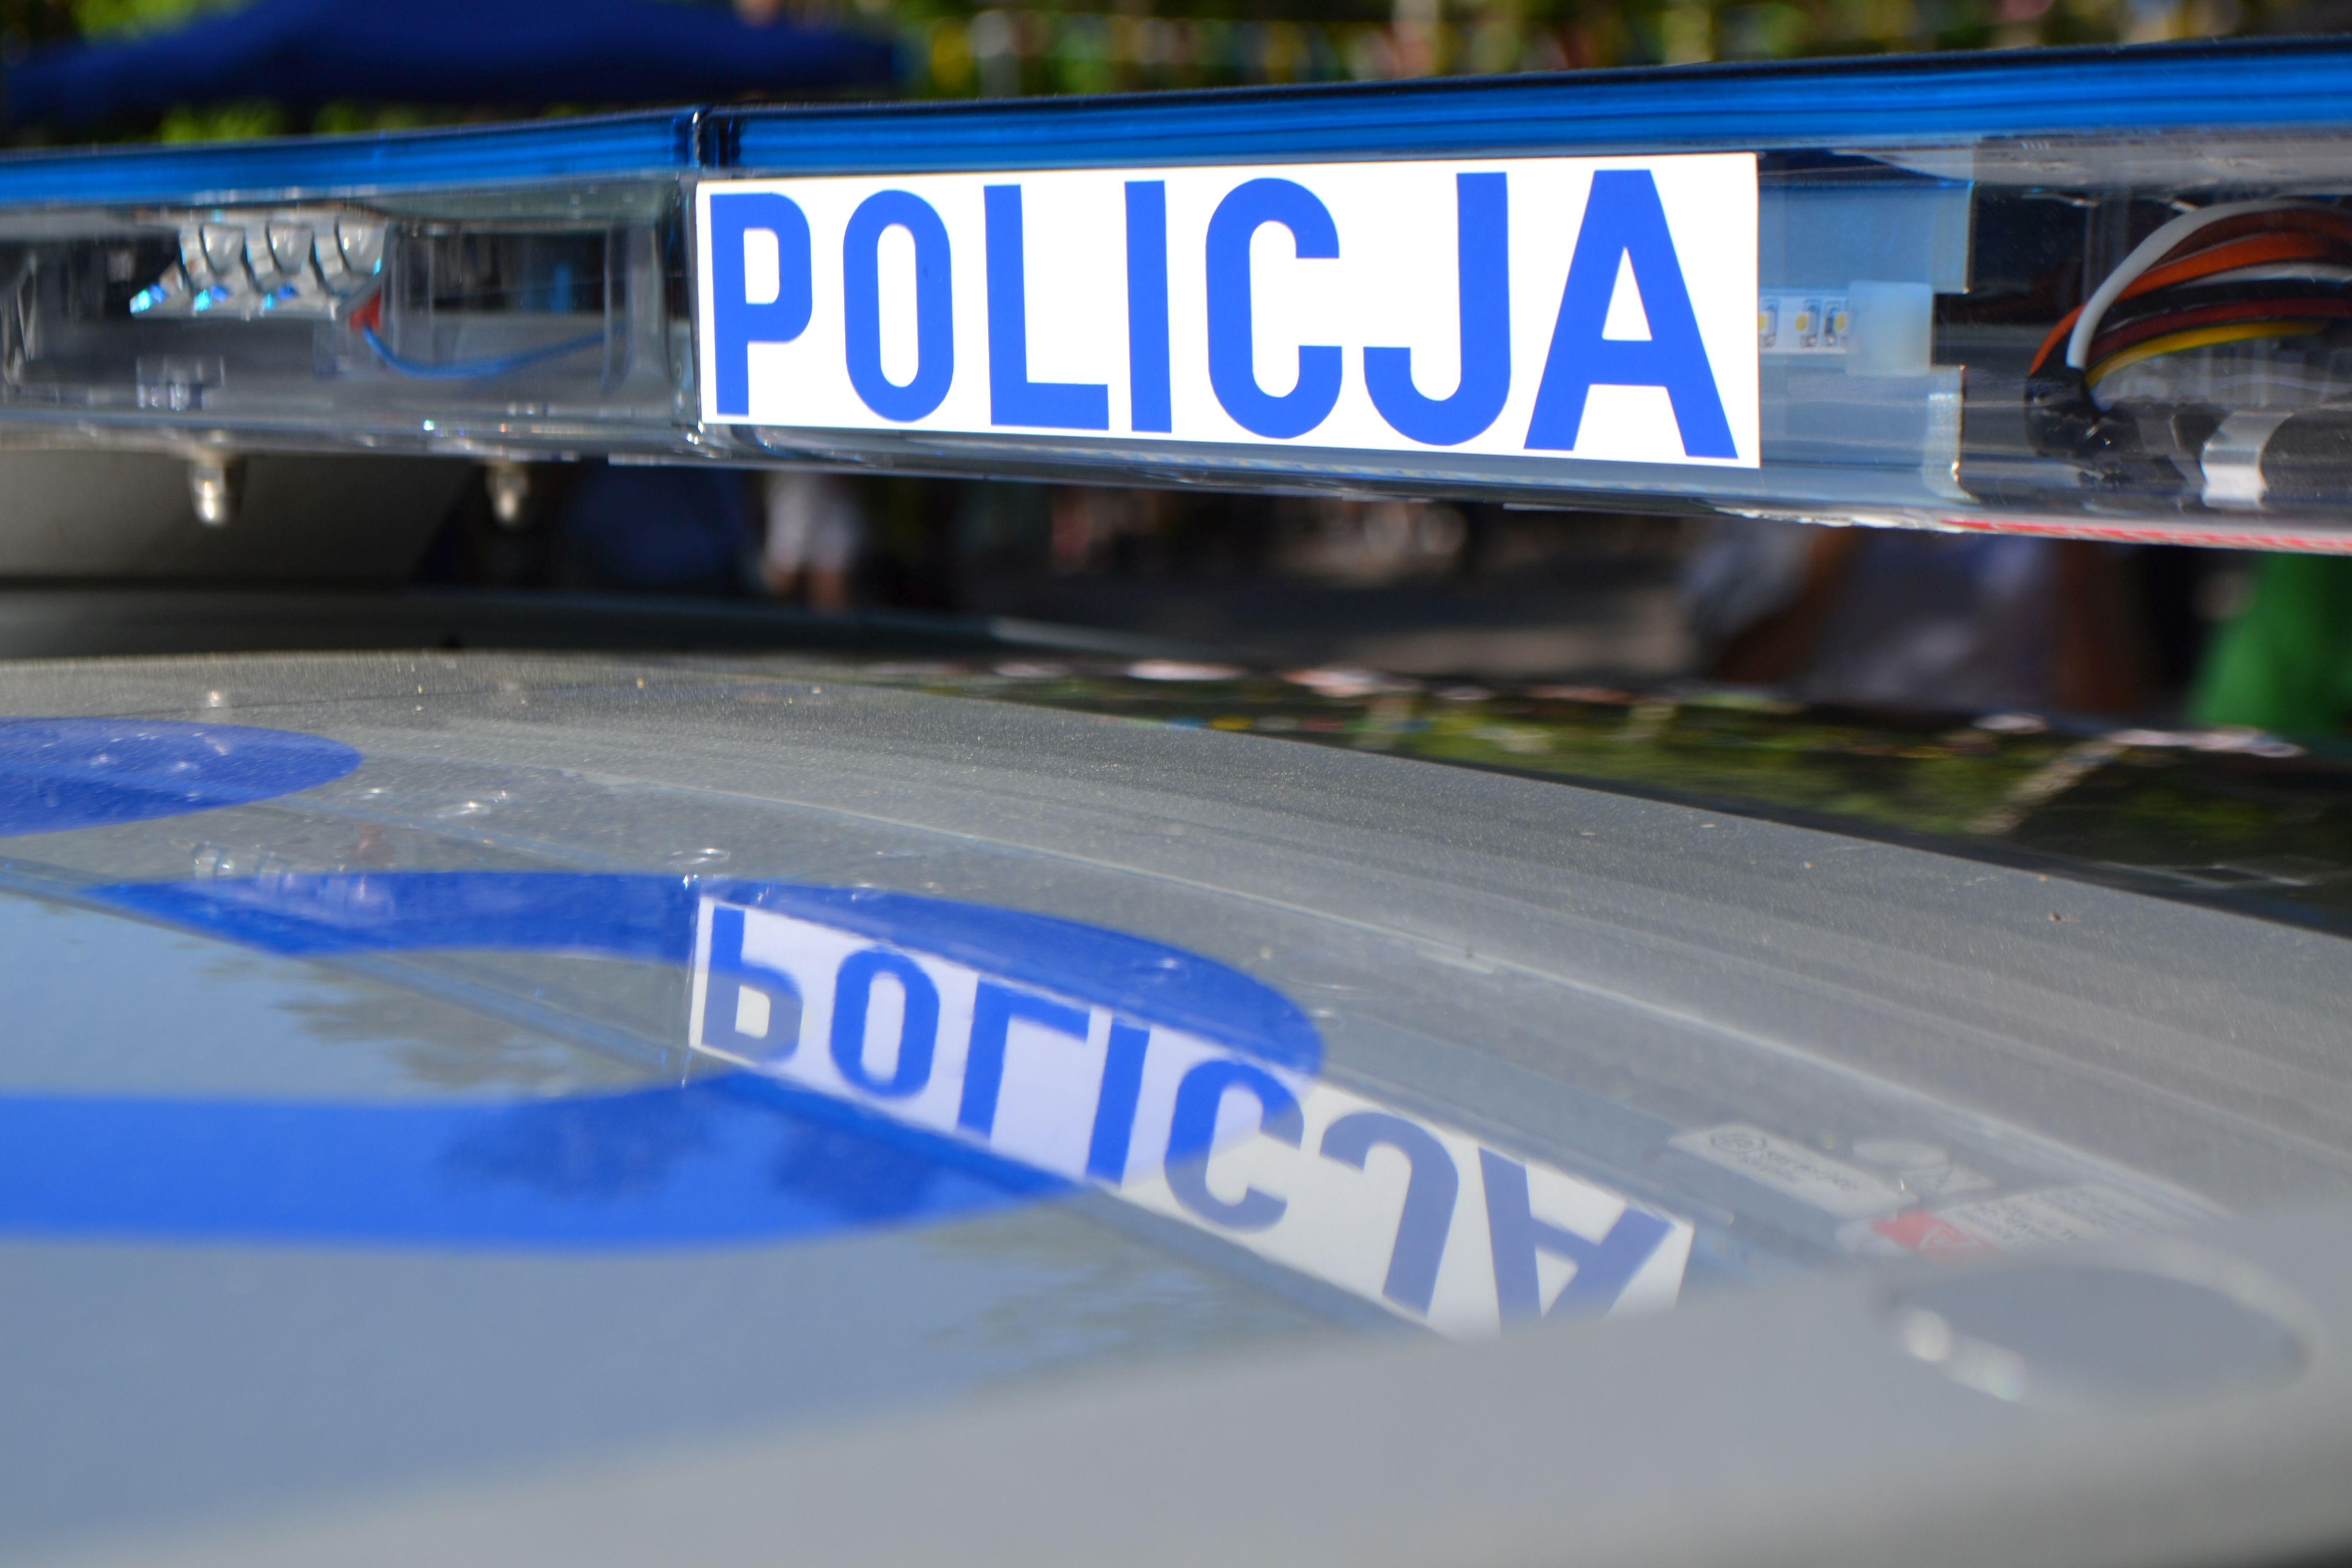 Trzy miesiące aresztu dla mężczyzny podejrzanego o zabójstwo w Kętach